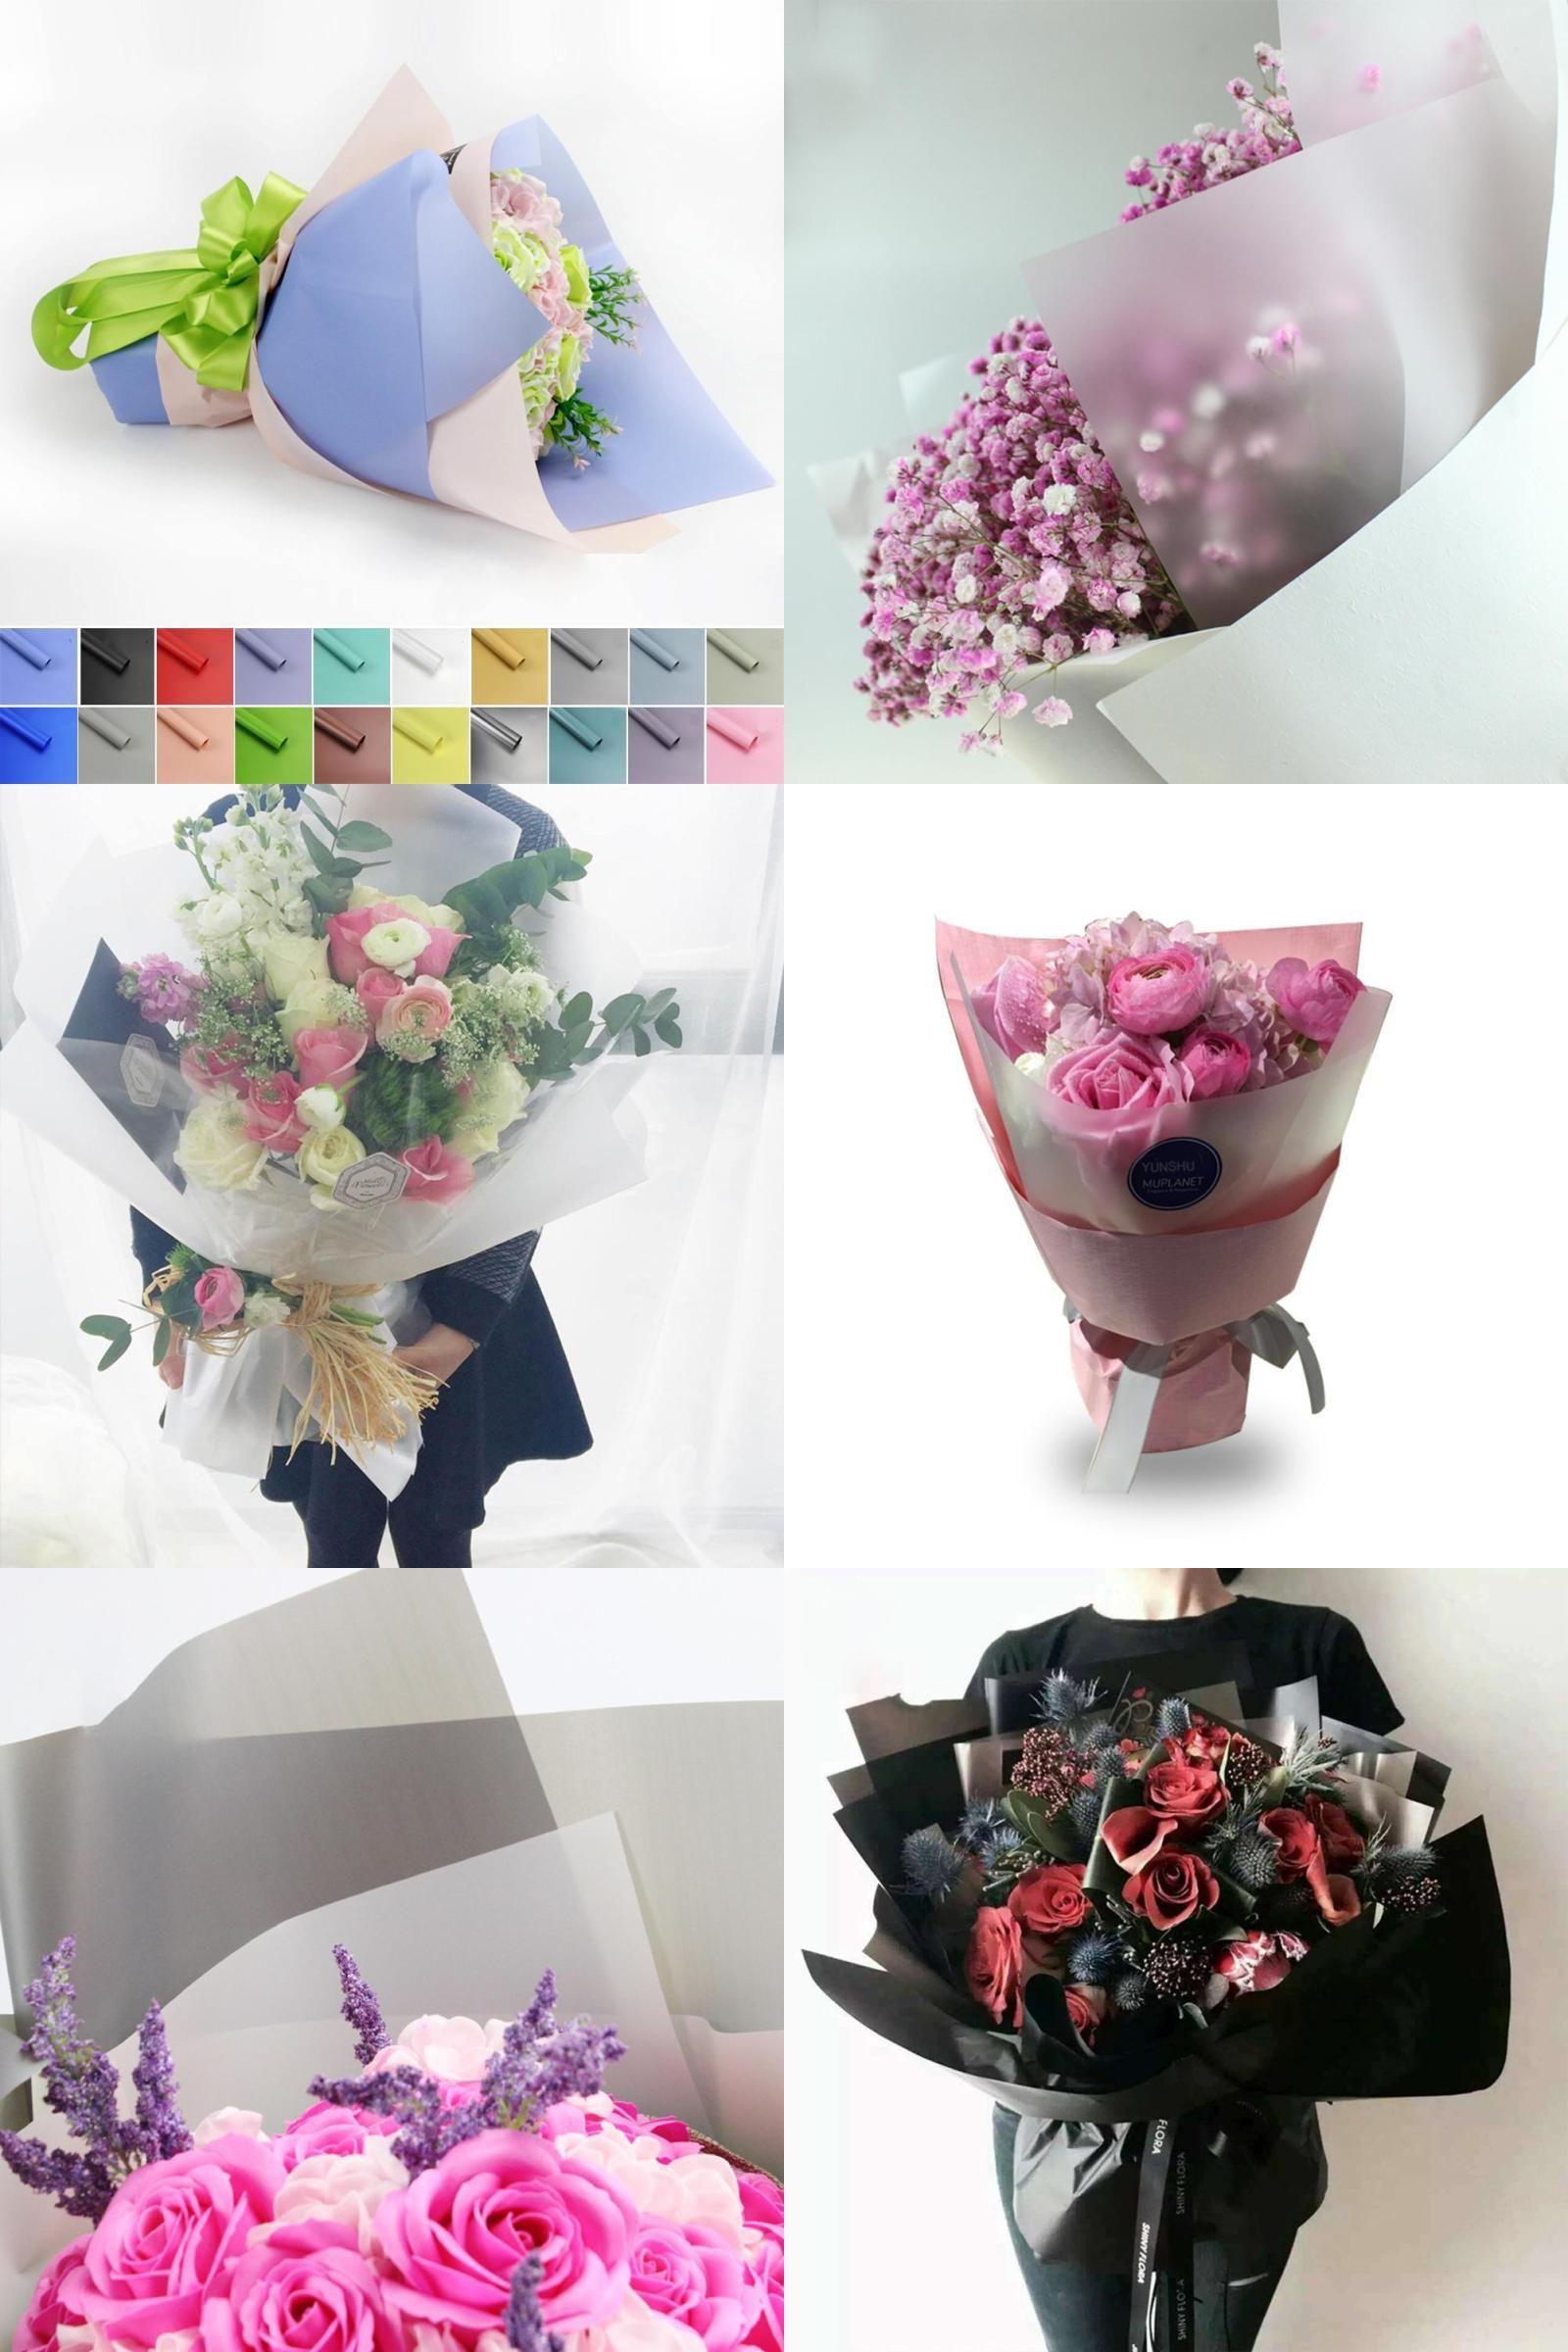 Visit To Buy High Grade Paper Waterproof Flowers Packaging Material